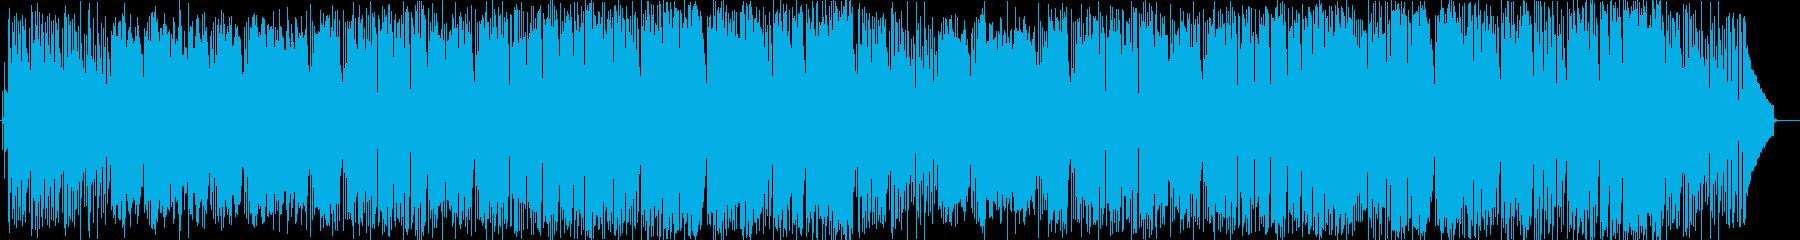 リラックスできるピアノのボサノヴァ曲の再生済みの波形